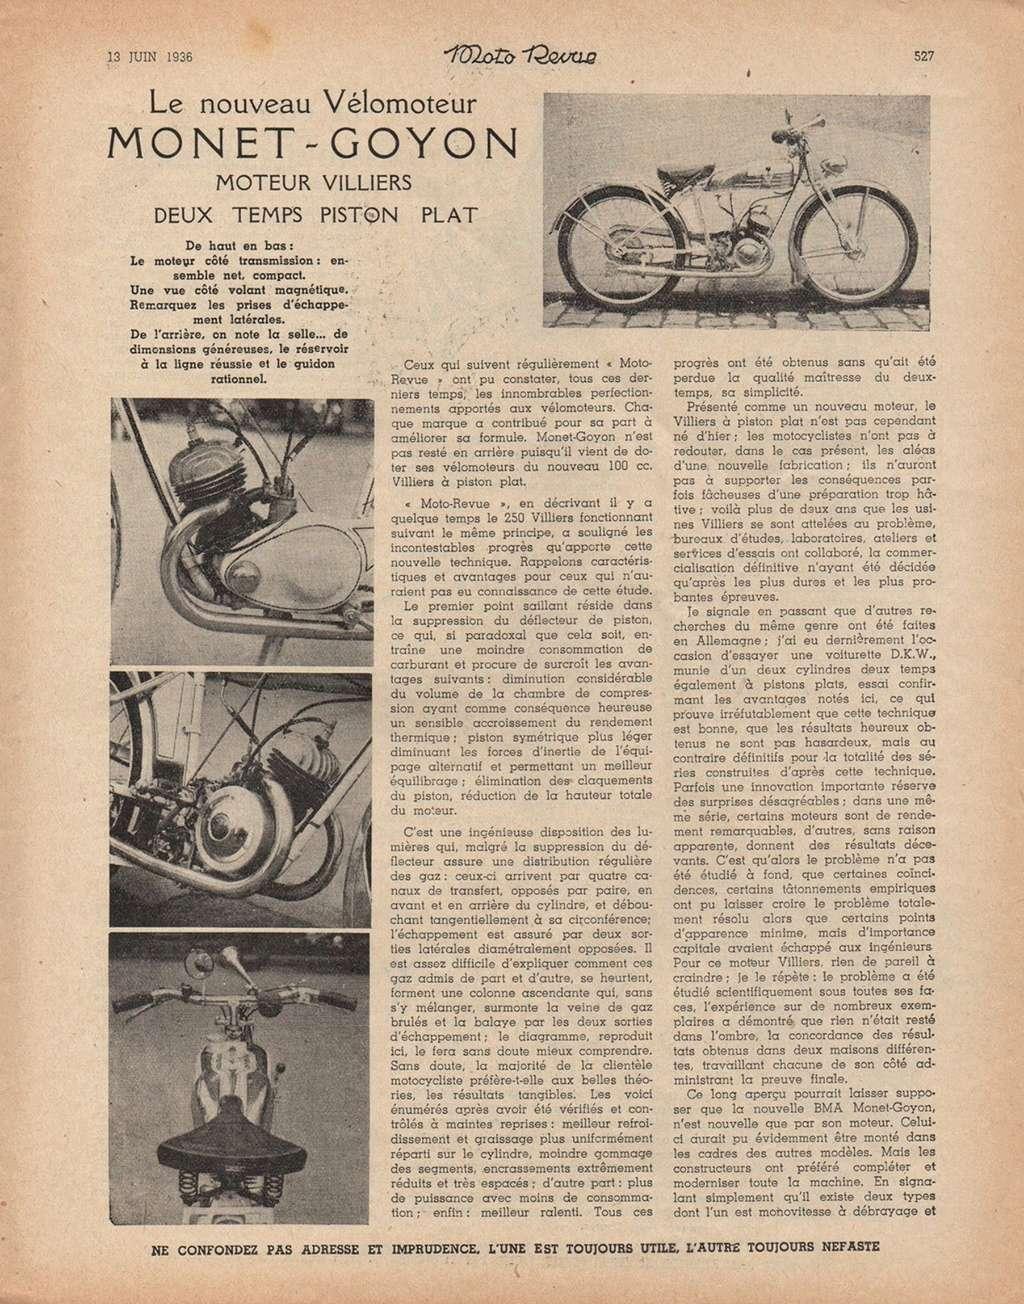 [DOC] Monet Goyon S3 - Essai Moto Revue 1936 et pubs d'époque Monet_10